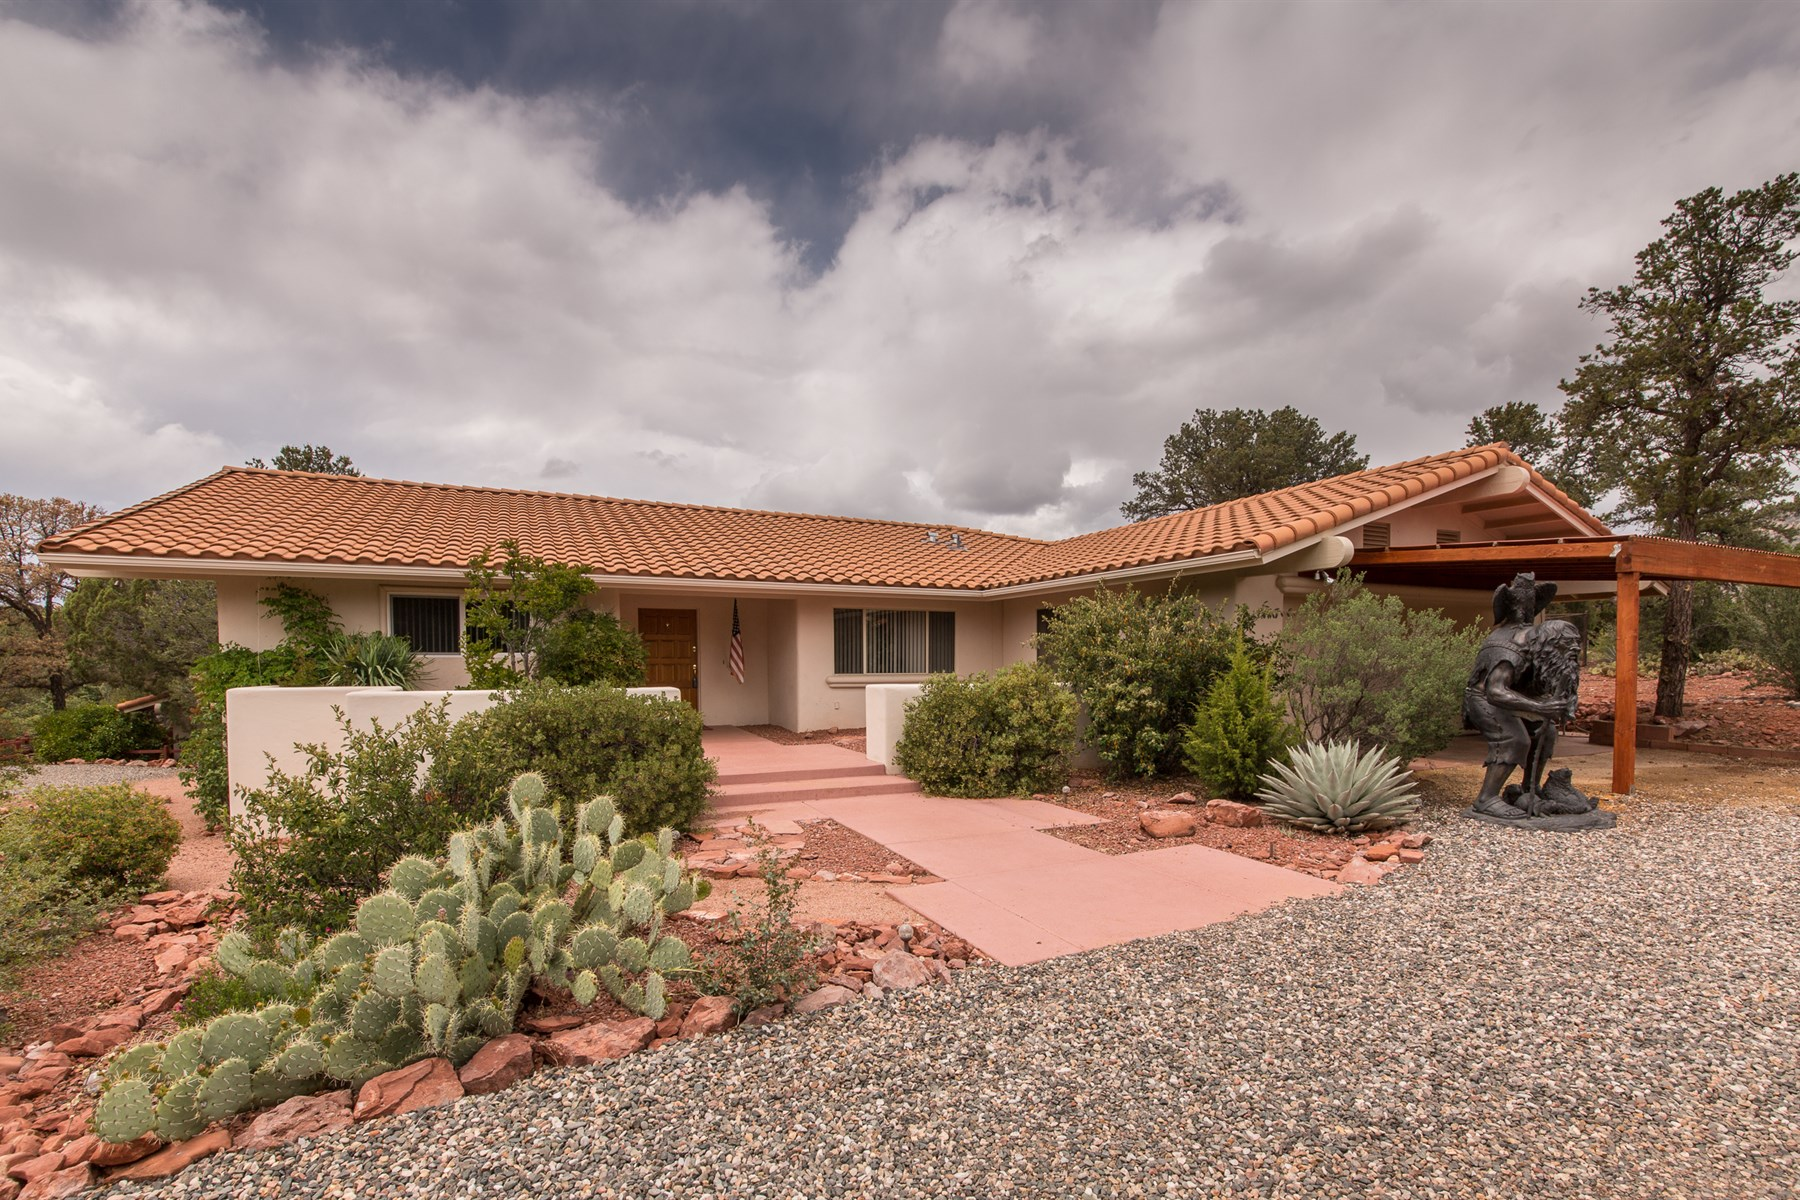 Vivienda unifamiliar por un Venta en Pleasant home in an upscale neighborhood with lots of versatile space 11 Emerald CT Sedona, Arizona 86336 Estados Unidos